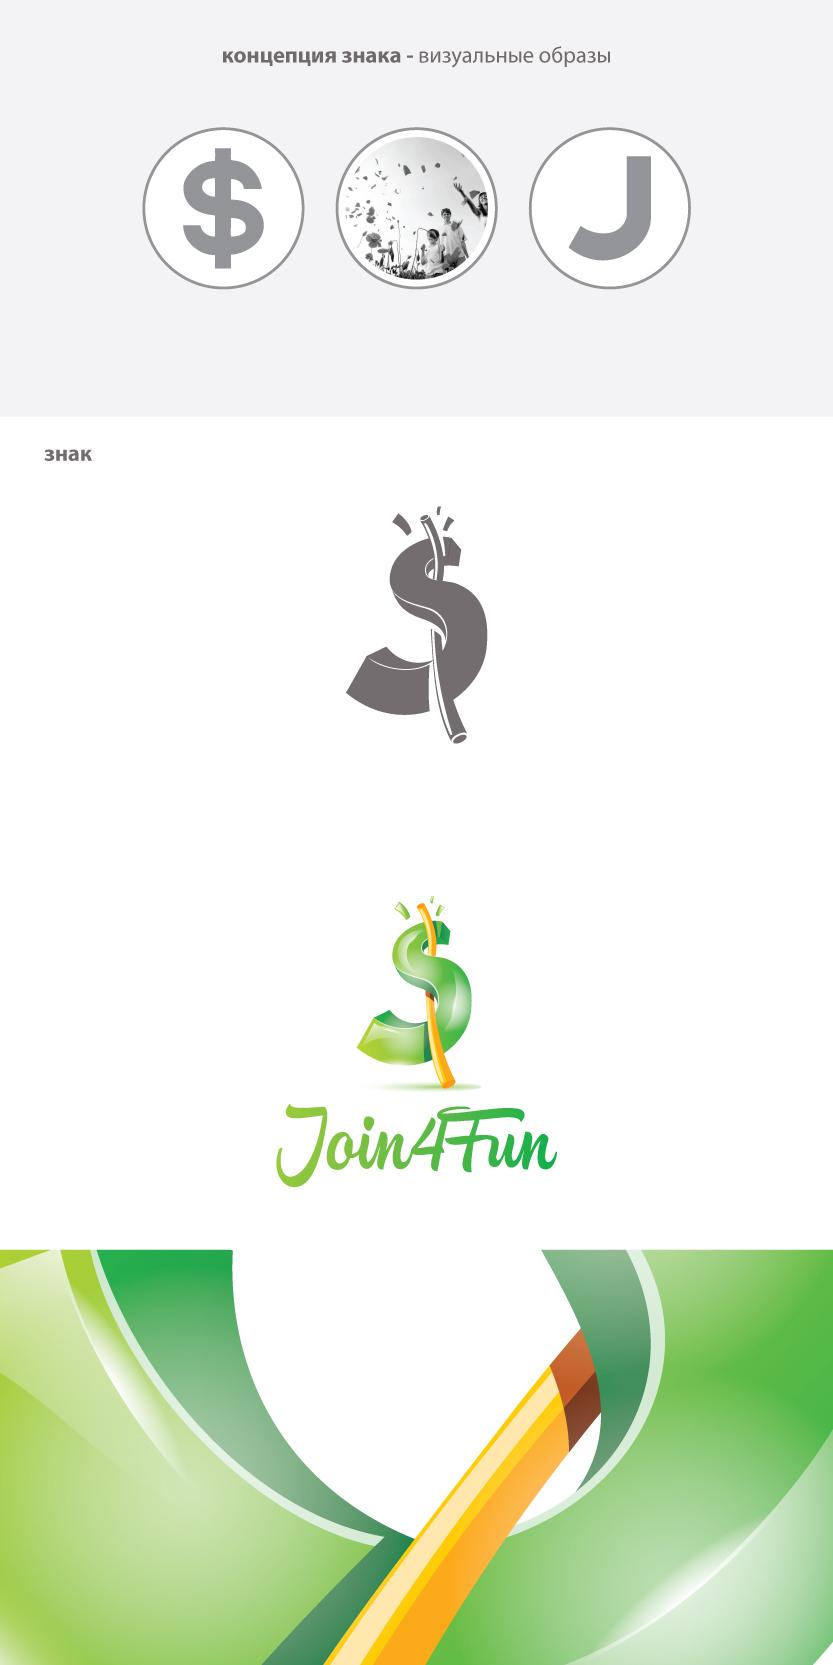 Join4Fun